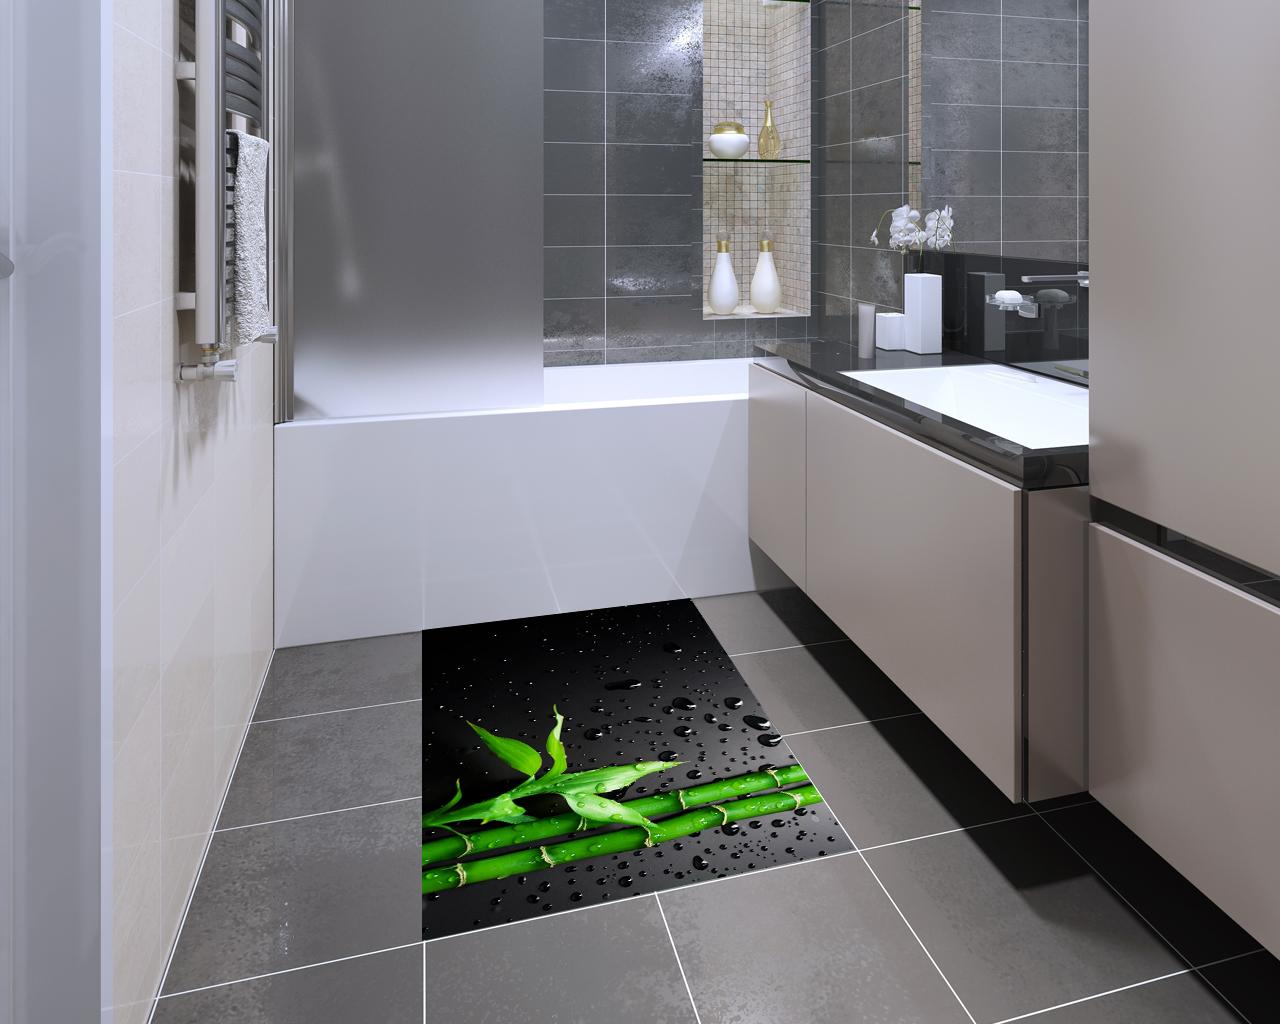 Adesivo per pavimento-Ramo di bamboo